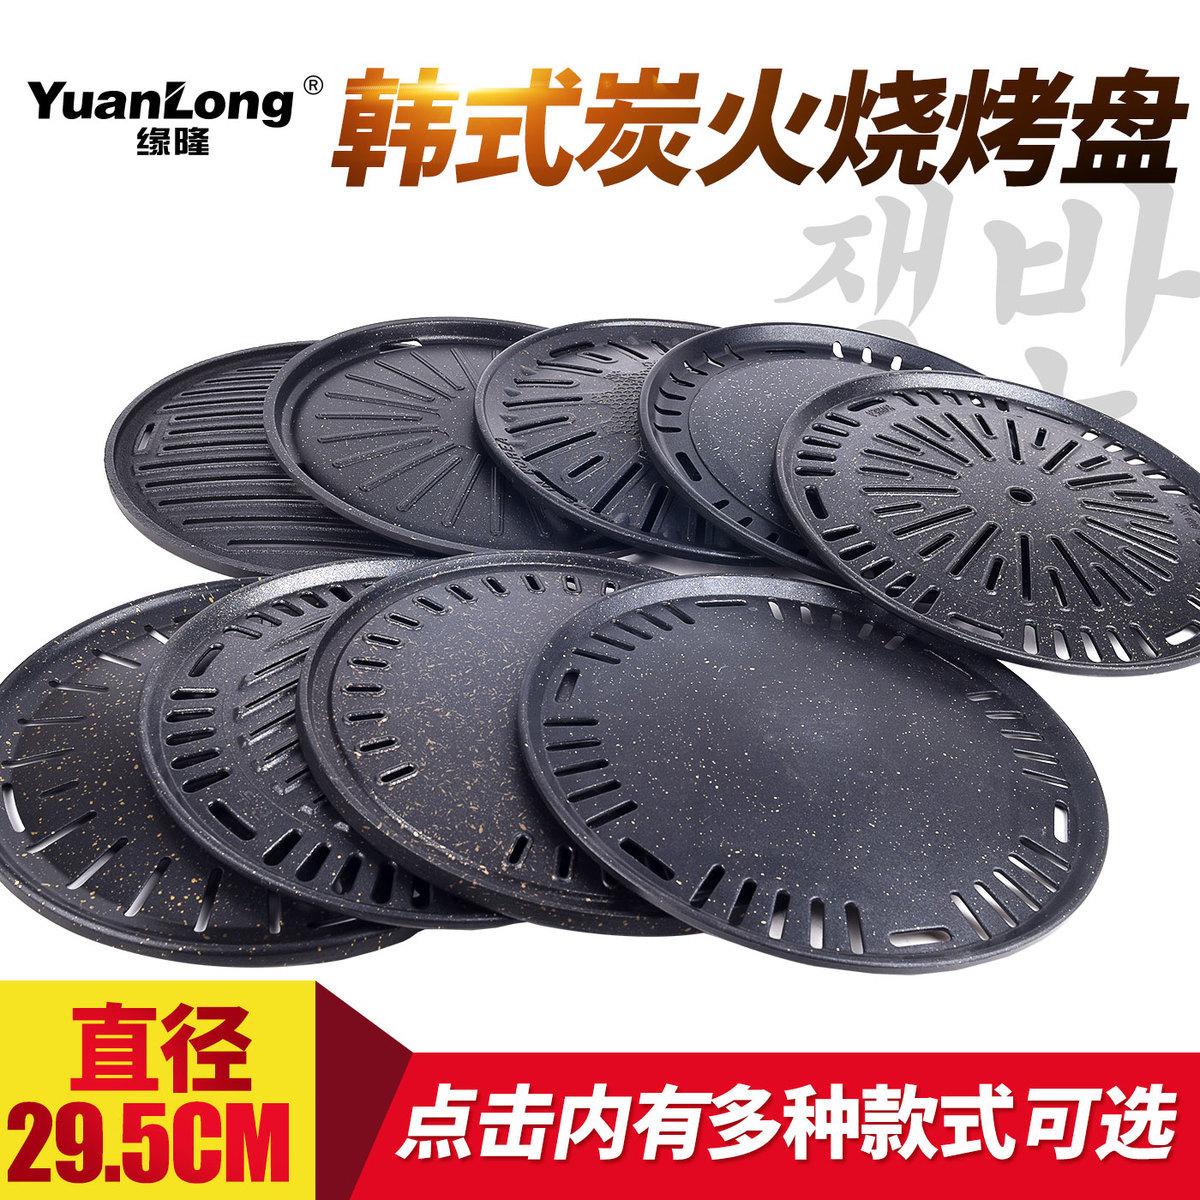 韩国烧烤盘烧烤篦子铁板烧不粘烤盘韩式烤肉盘不粘铁盘烤肉煎肉盘